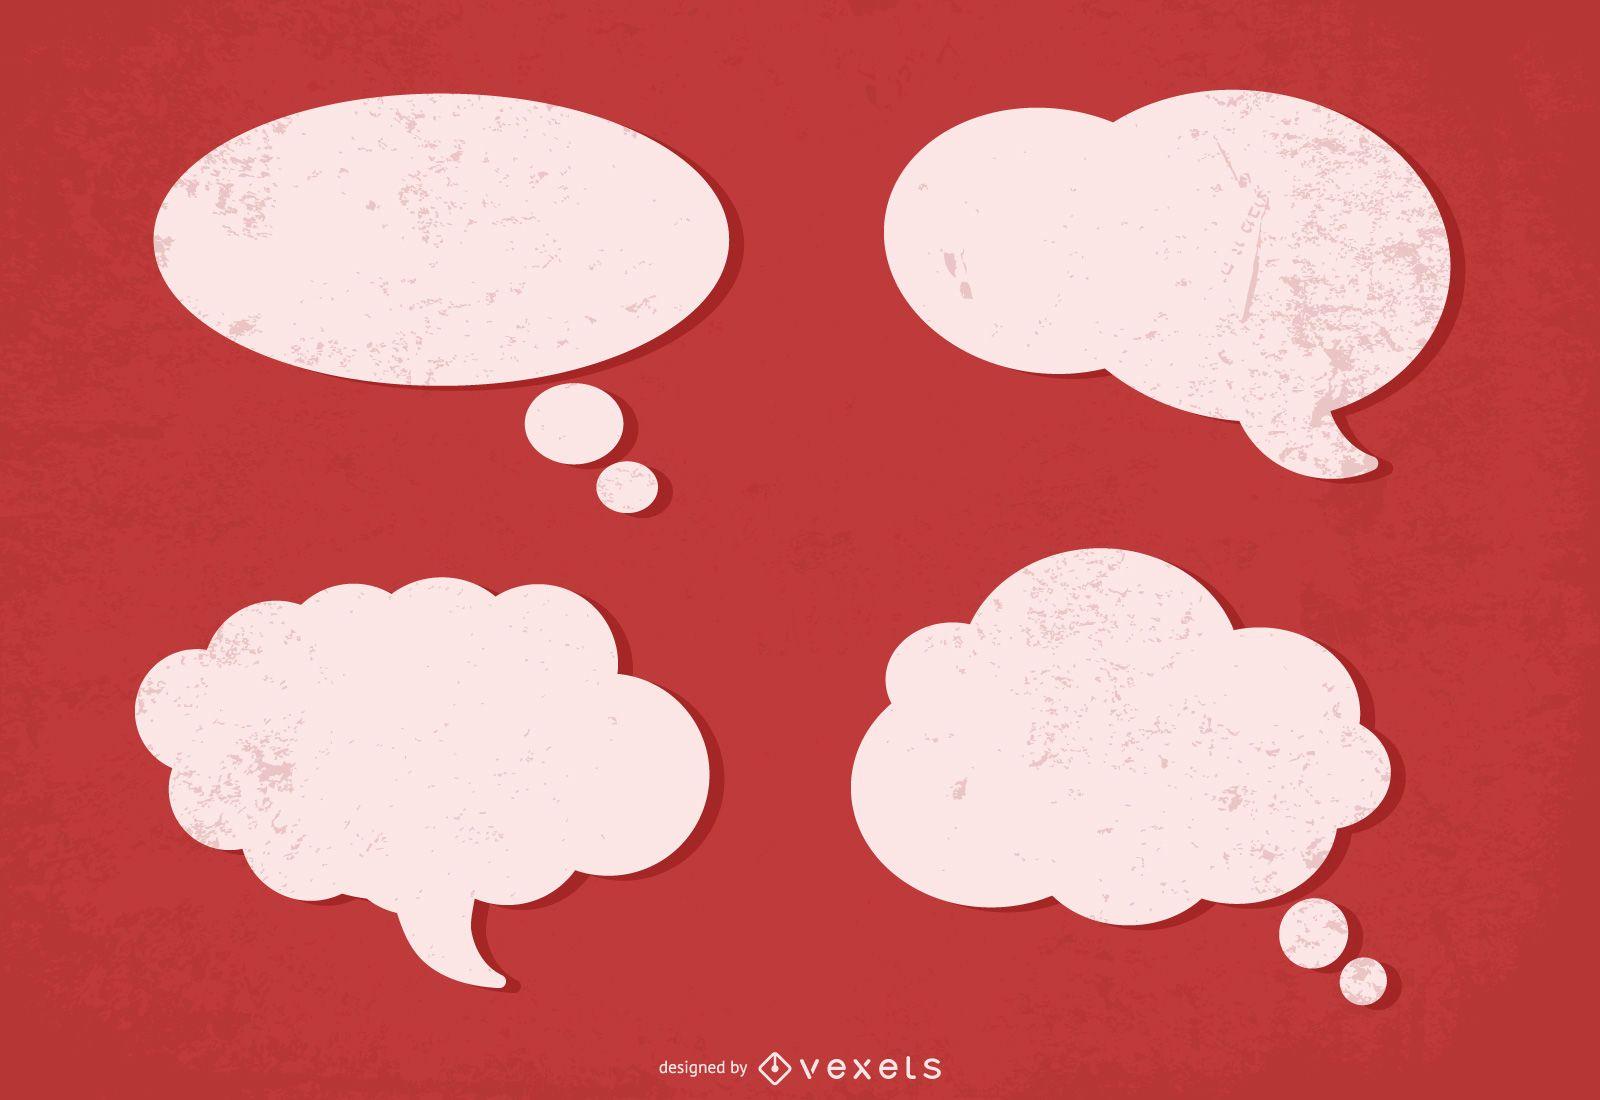 Conjunto de burbujas de discurso grunge nublado